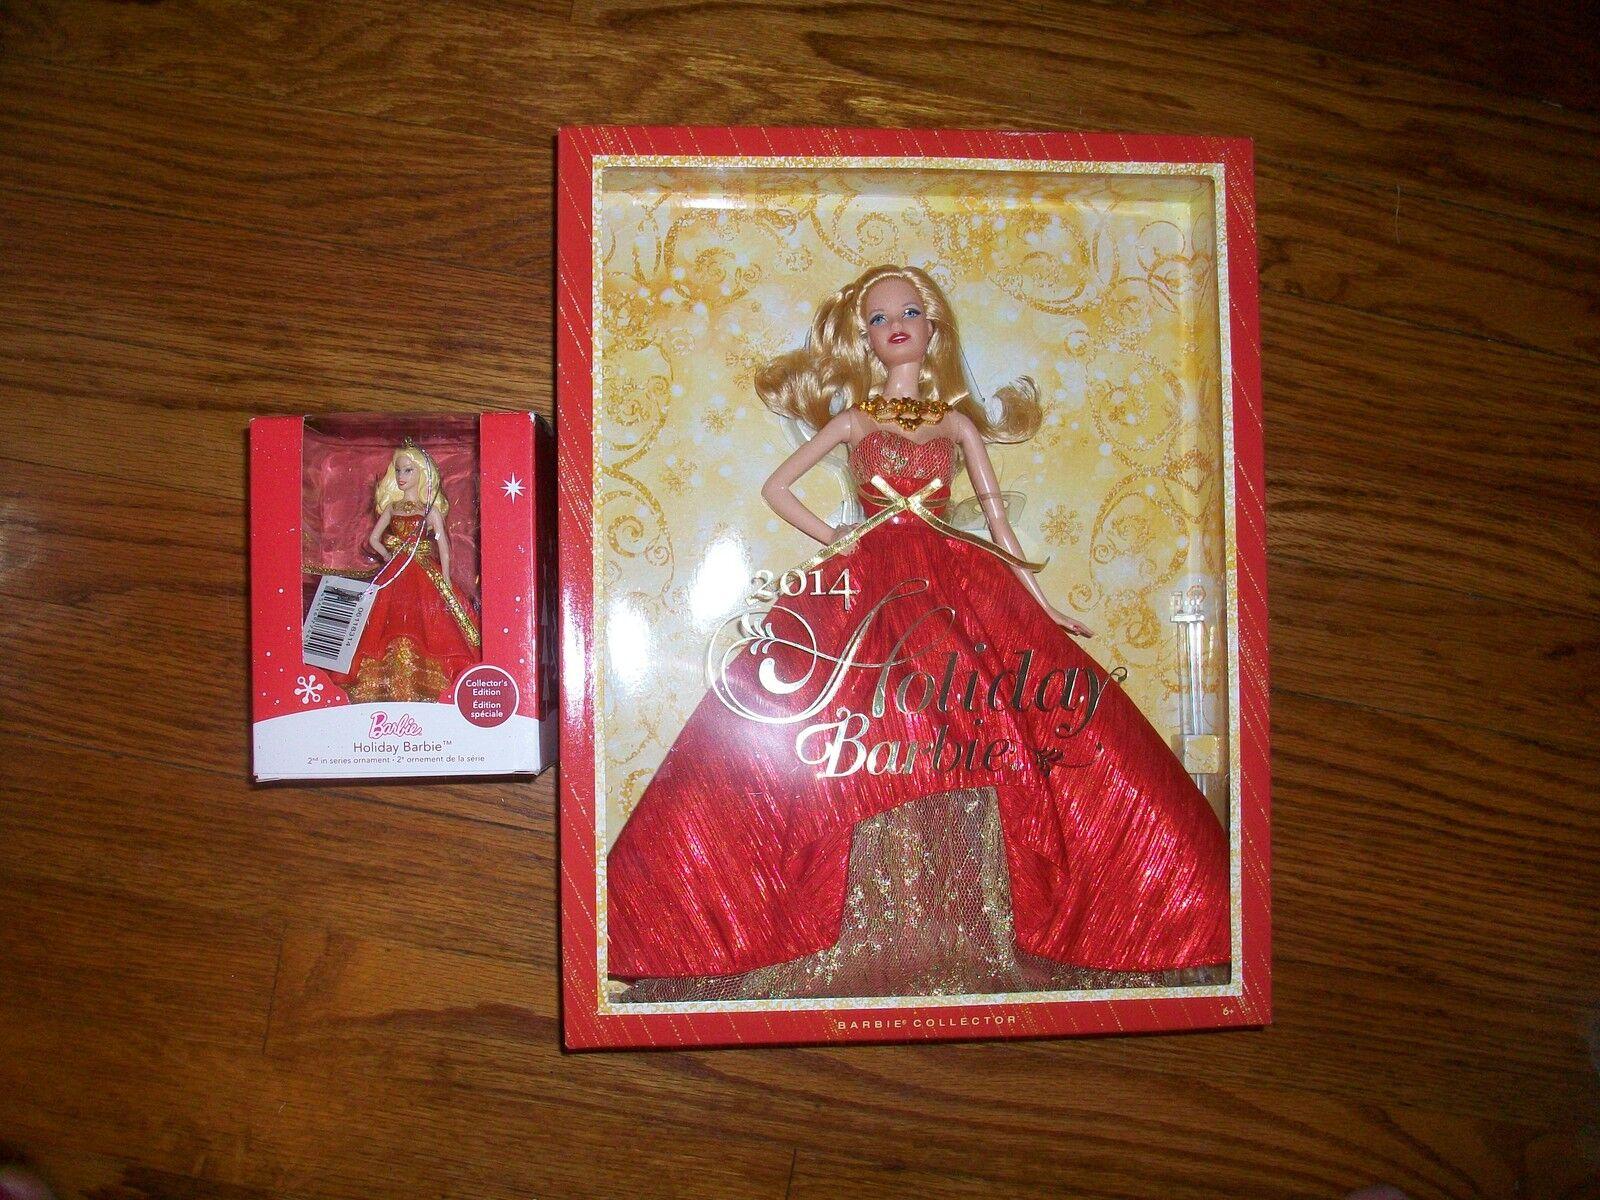 Lote de 2 2014 Vacaciones Barbie Rubia & 2014 Barbie Ornamento